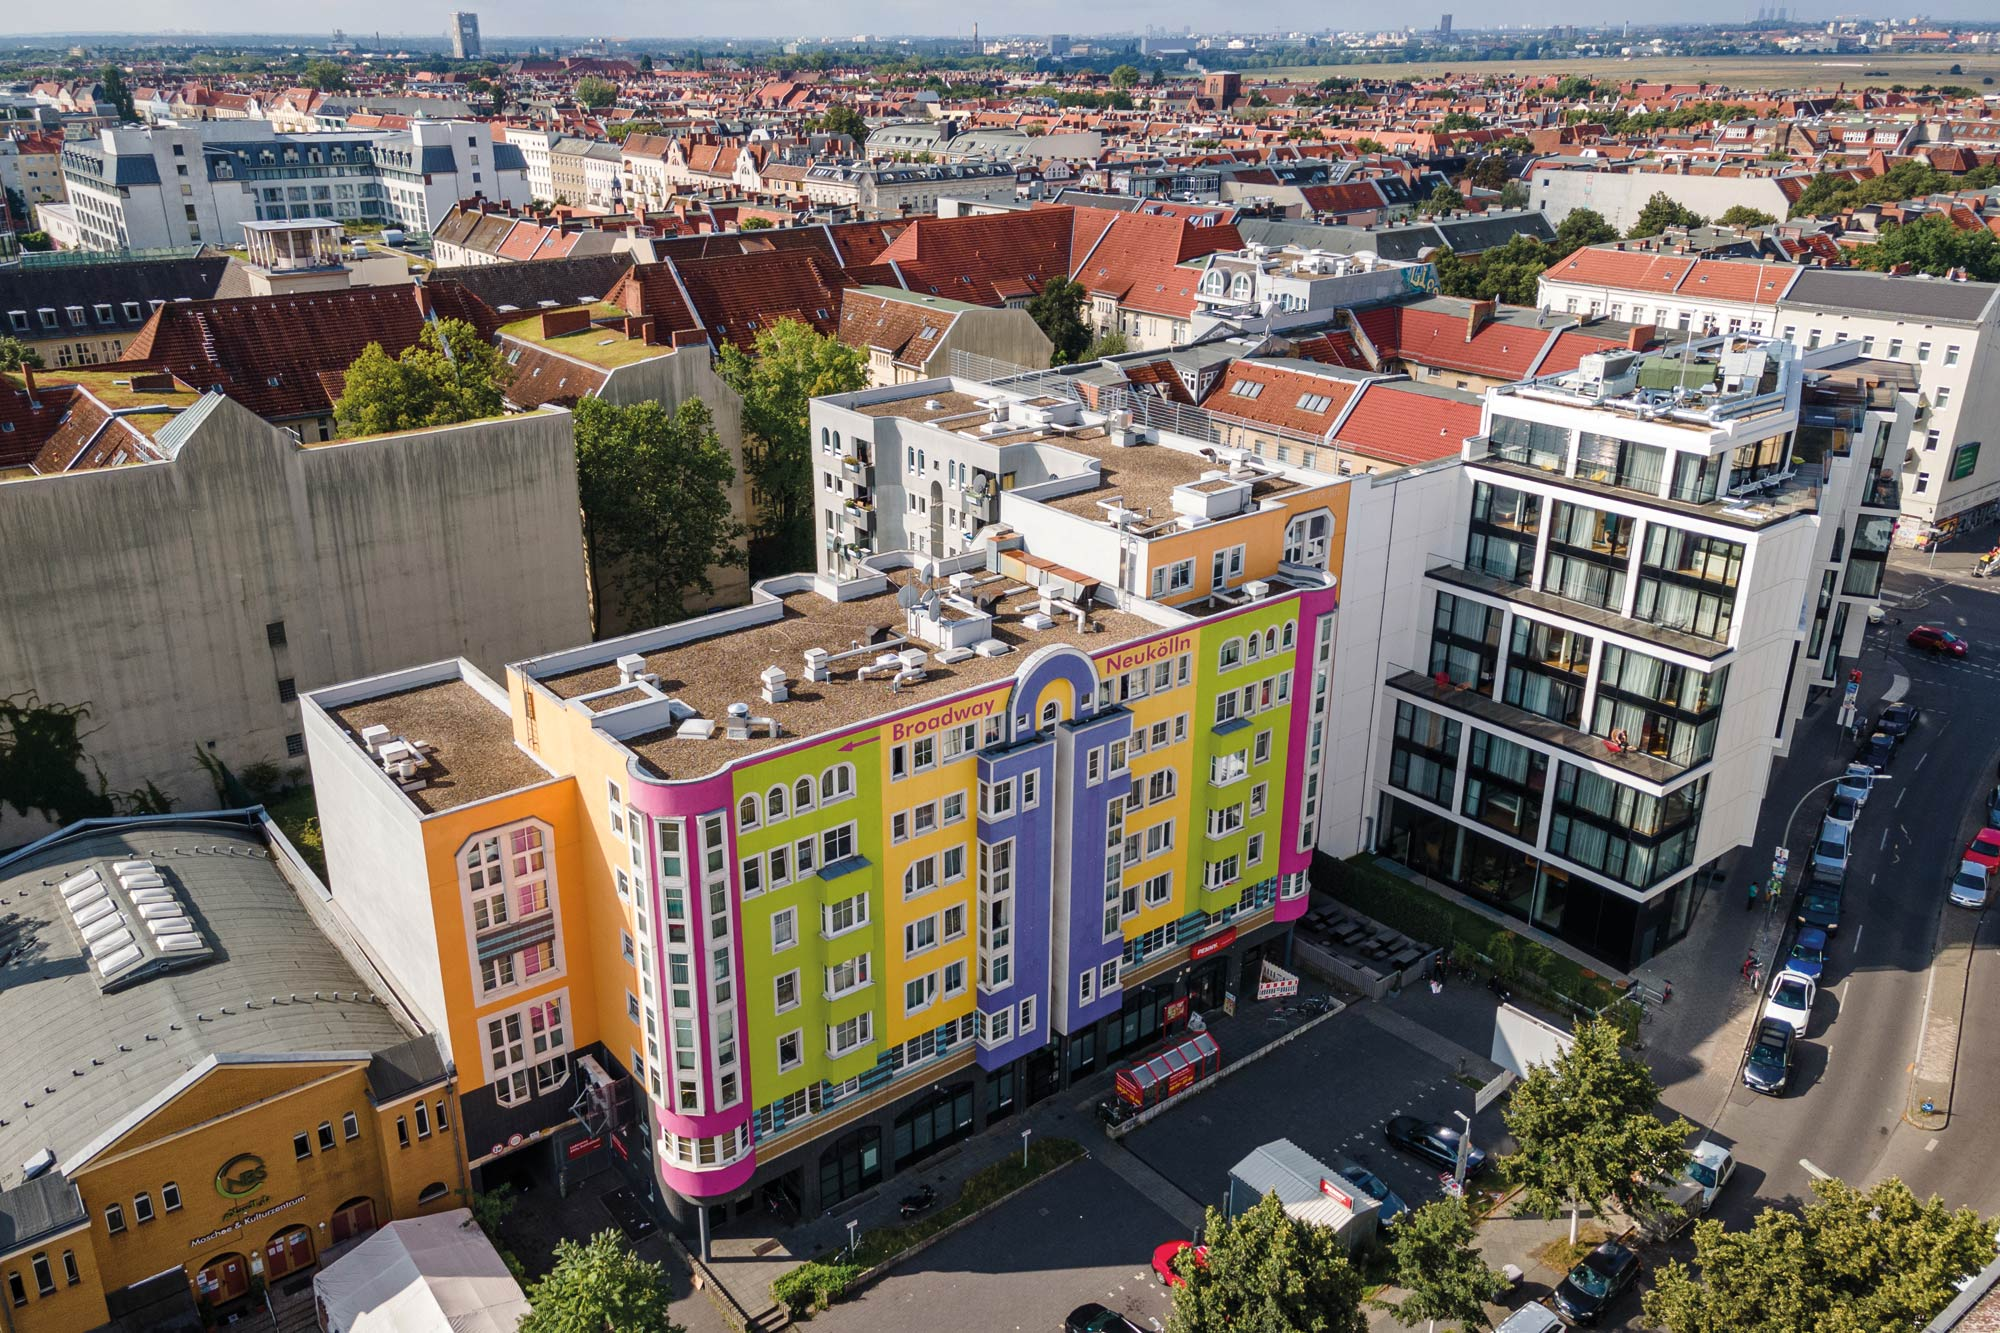 Ankauf einer Wohnanlage in Berlin